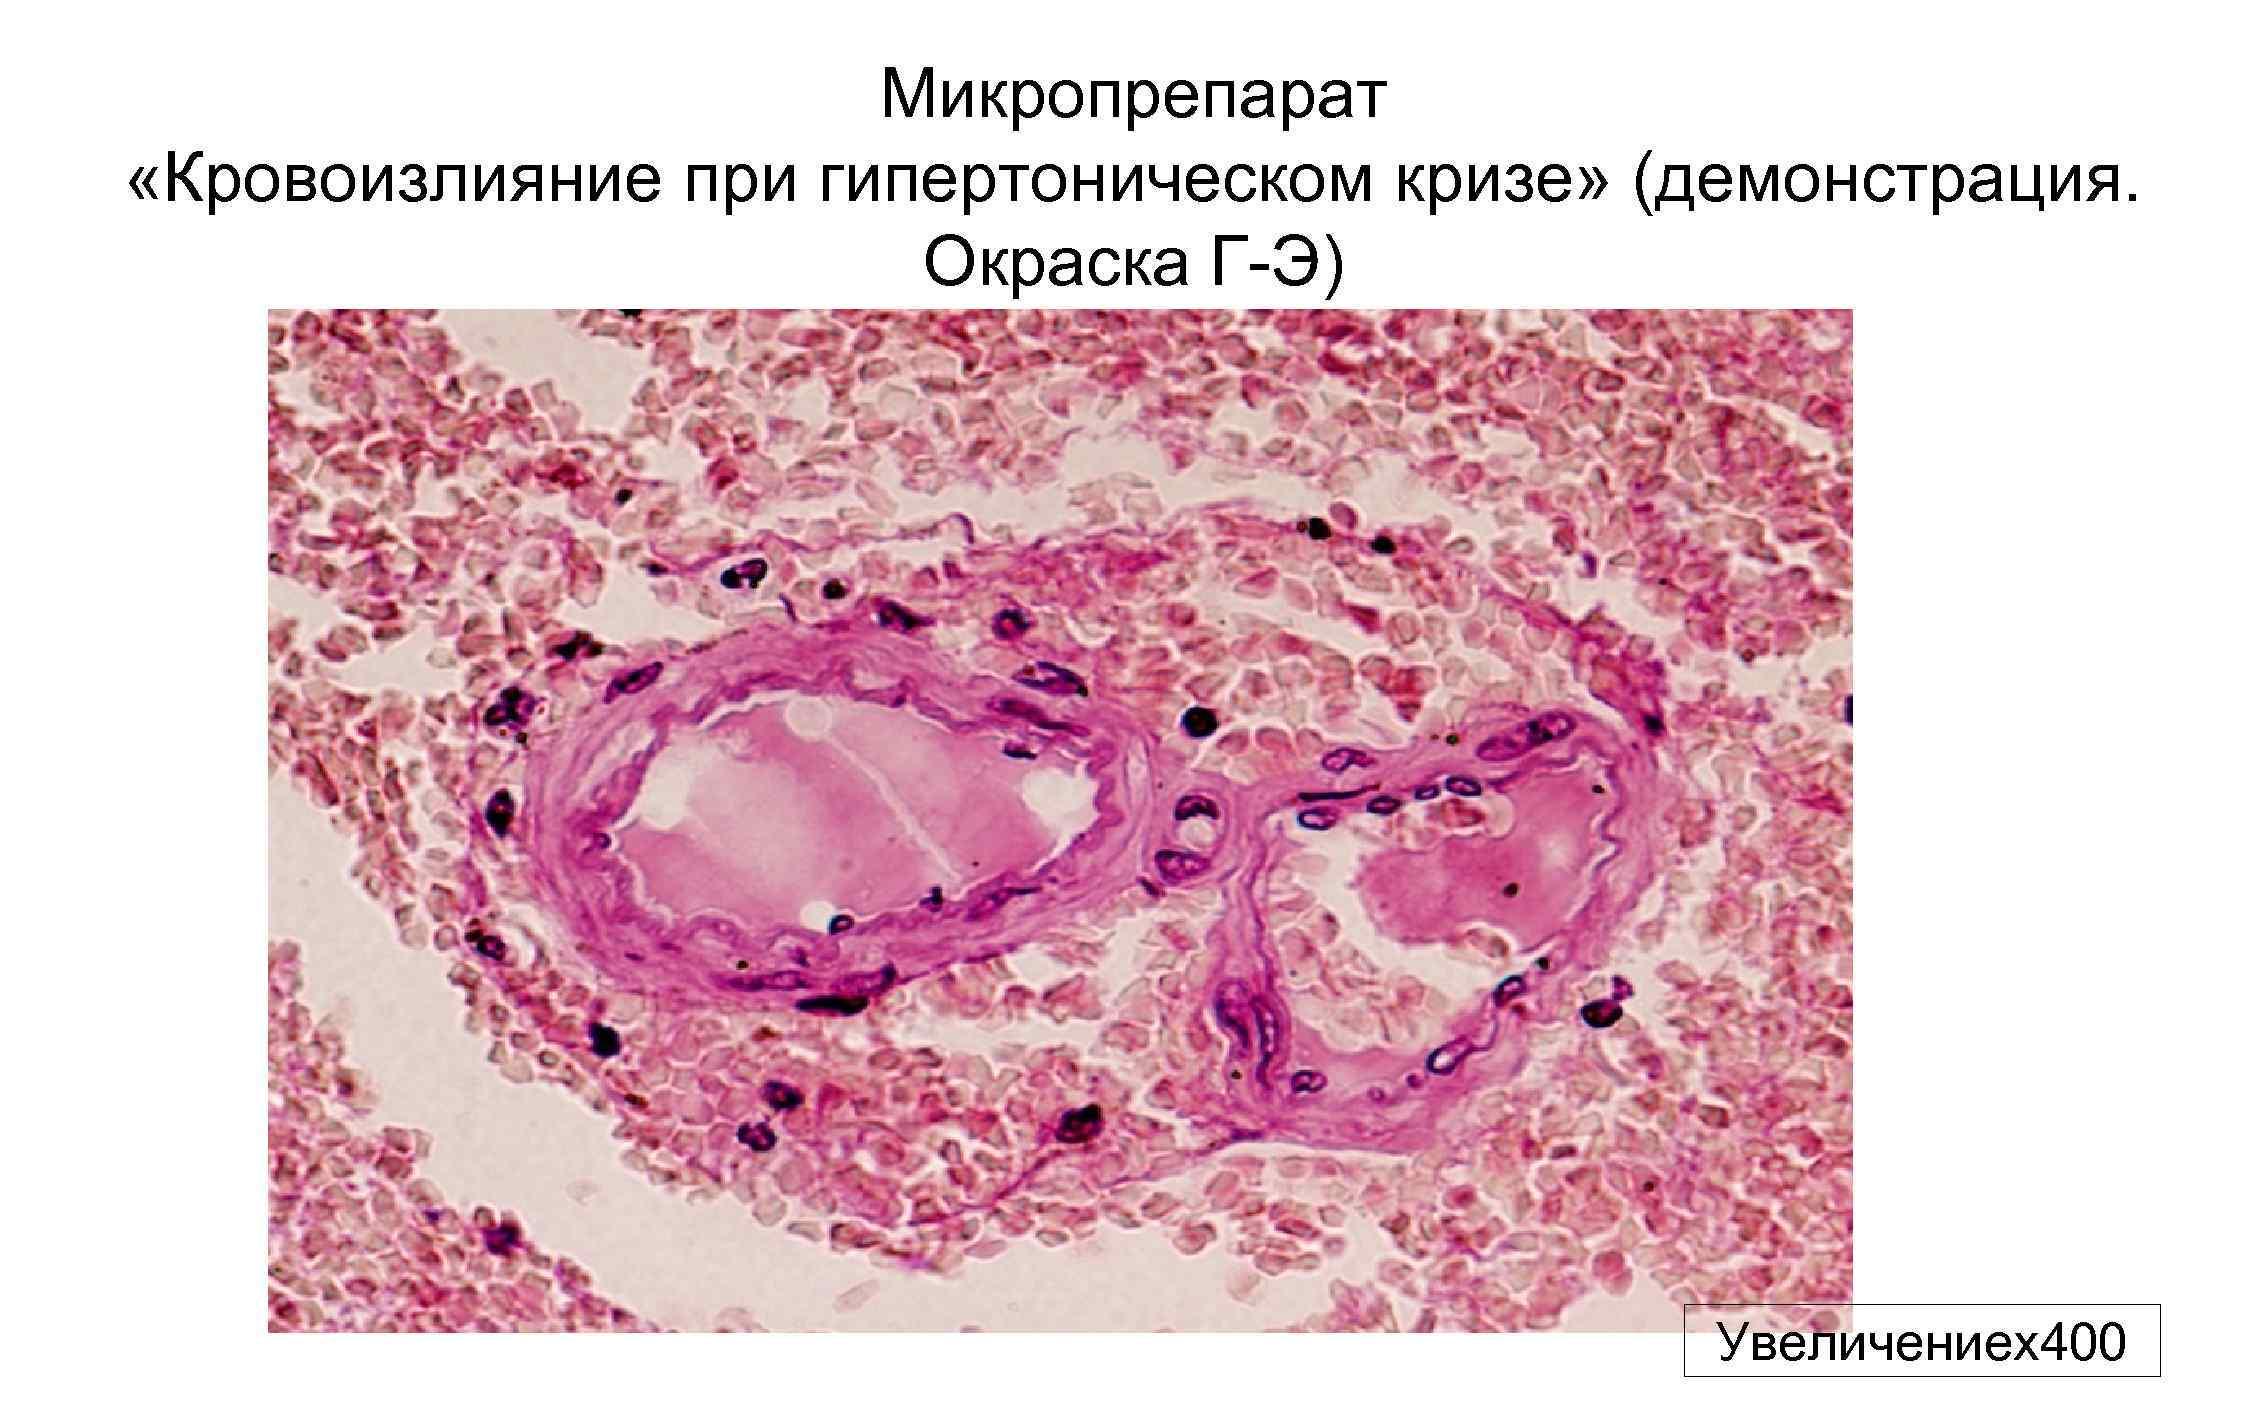 Микропрепарат «Кровоизлияние при гипертоническом кризе» (демонстрация. Окраска Г-Э) Увеличениех400